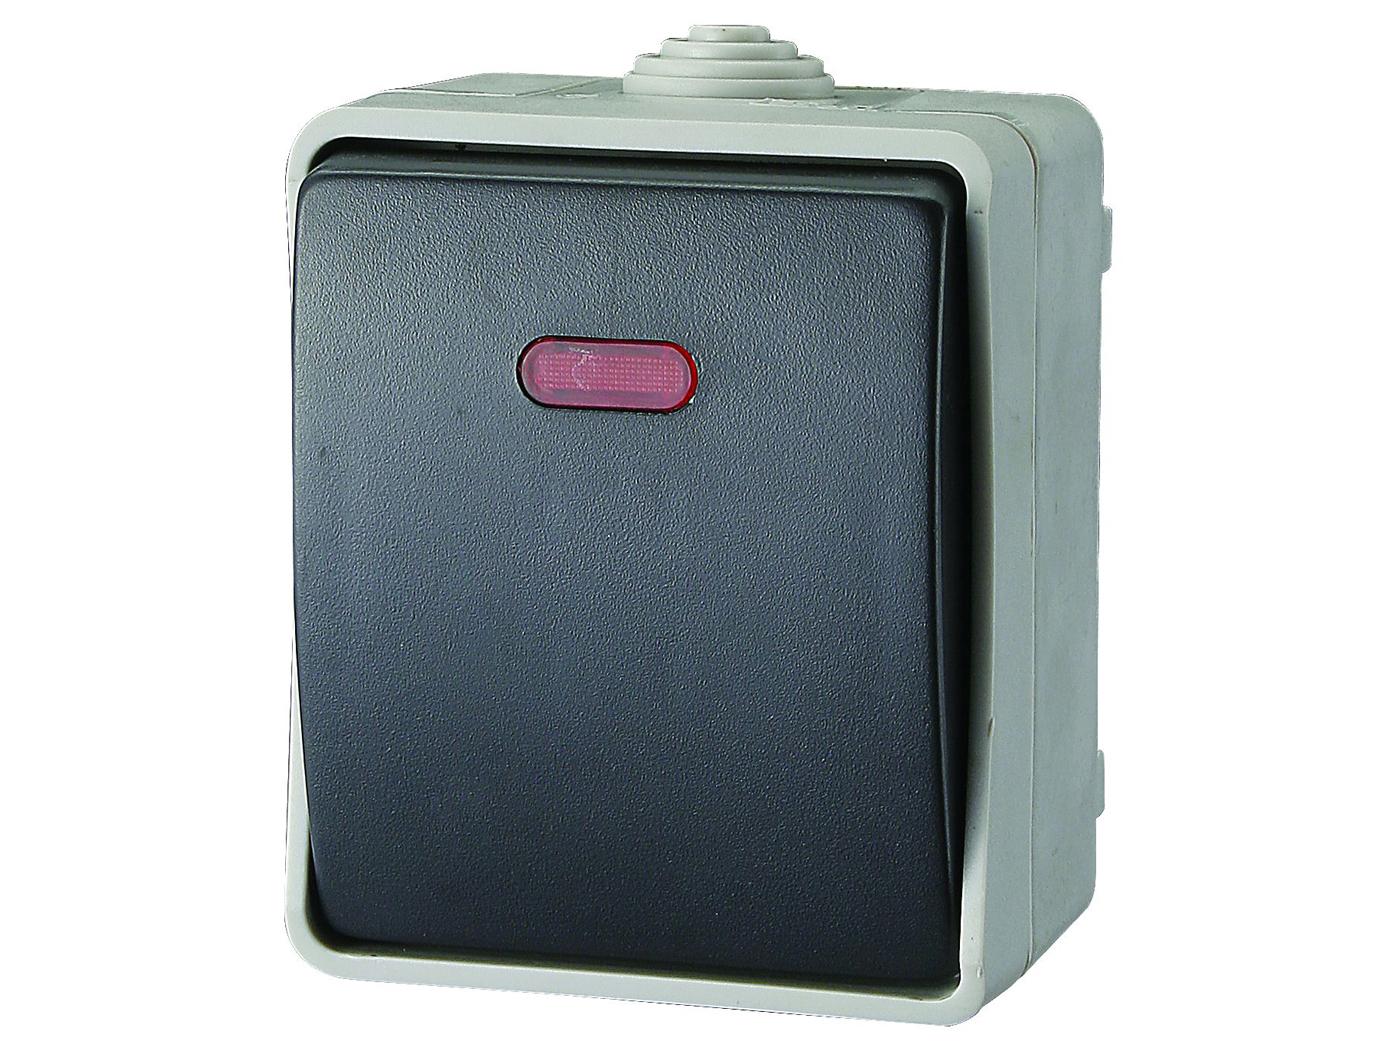 feuchtraum lichtschalter mit kontrollleuchte au enschalter wechselschalter ebay. Black Bedroom Furniture Sets. Home Design Ideas